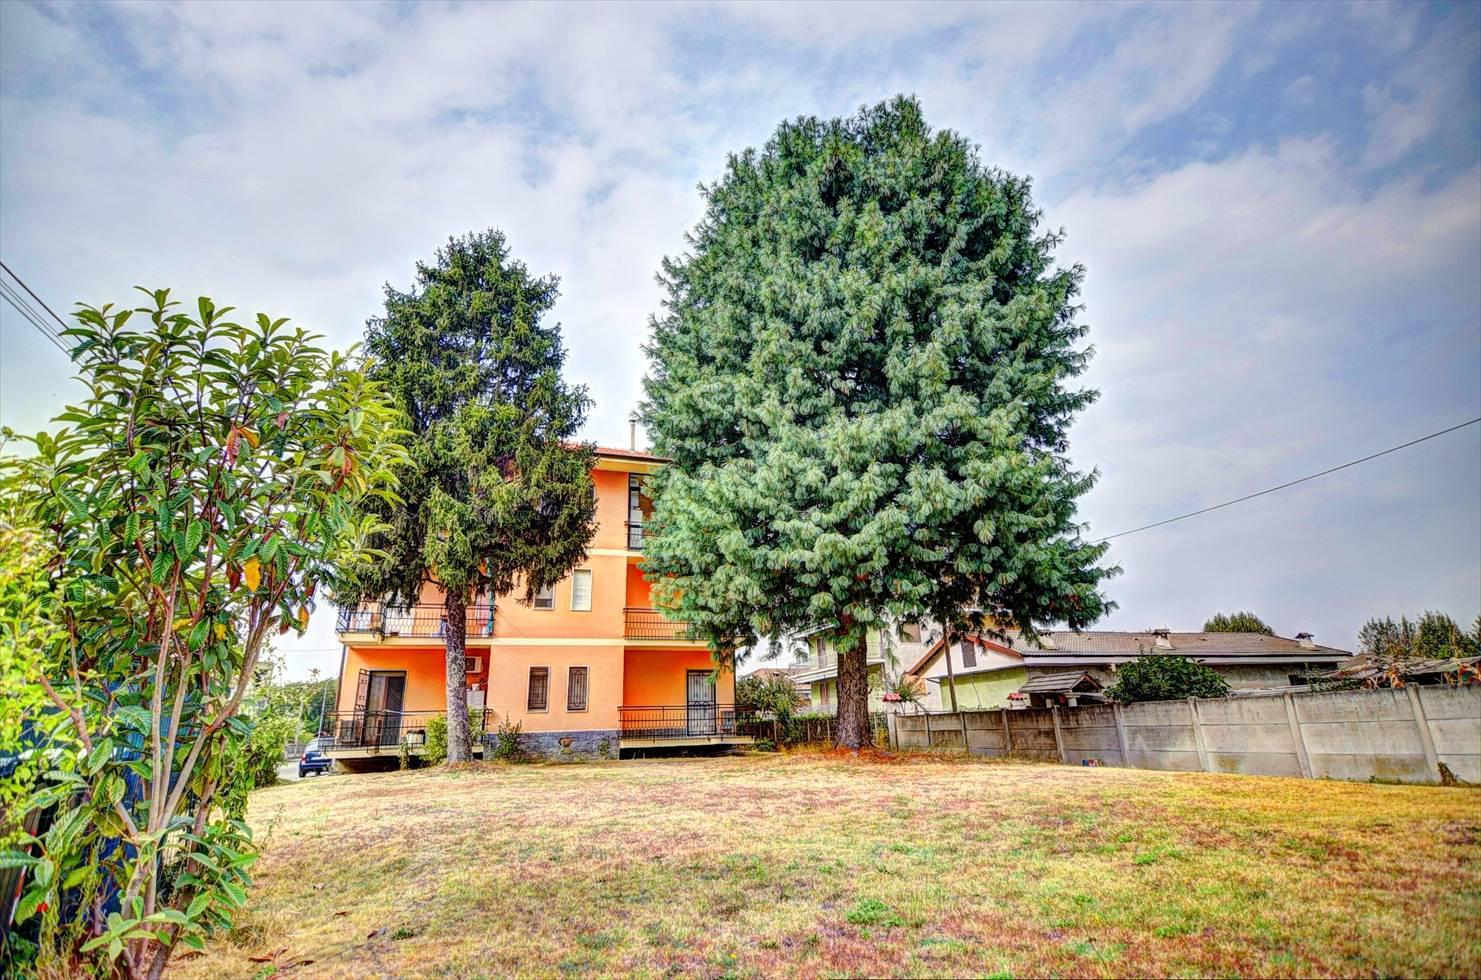 Appartamento in vendita a Rondissone, 4 locali, prezzo € 69.000 | PortaleAgenzieImmobiliari.it